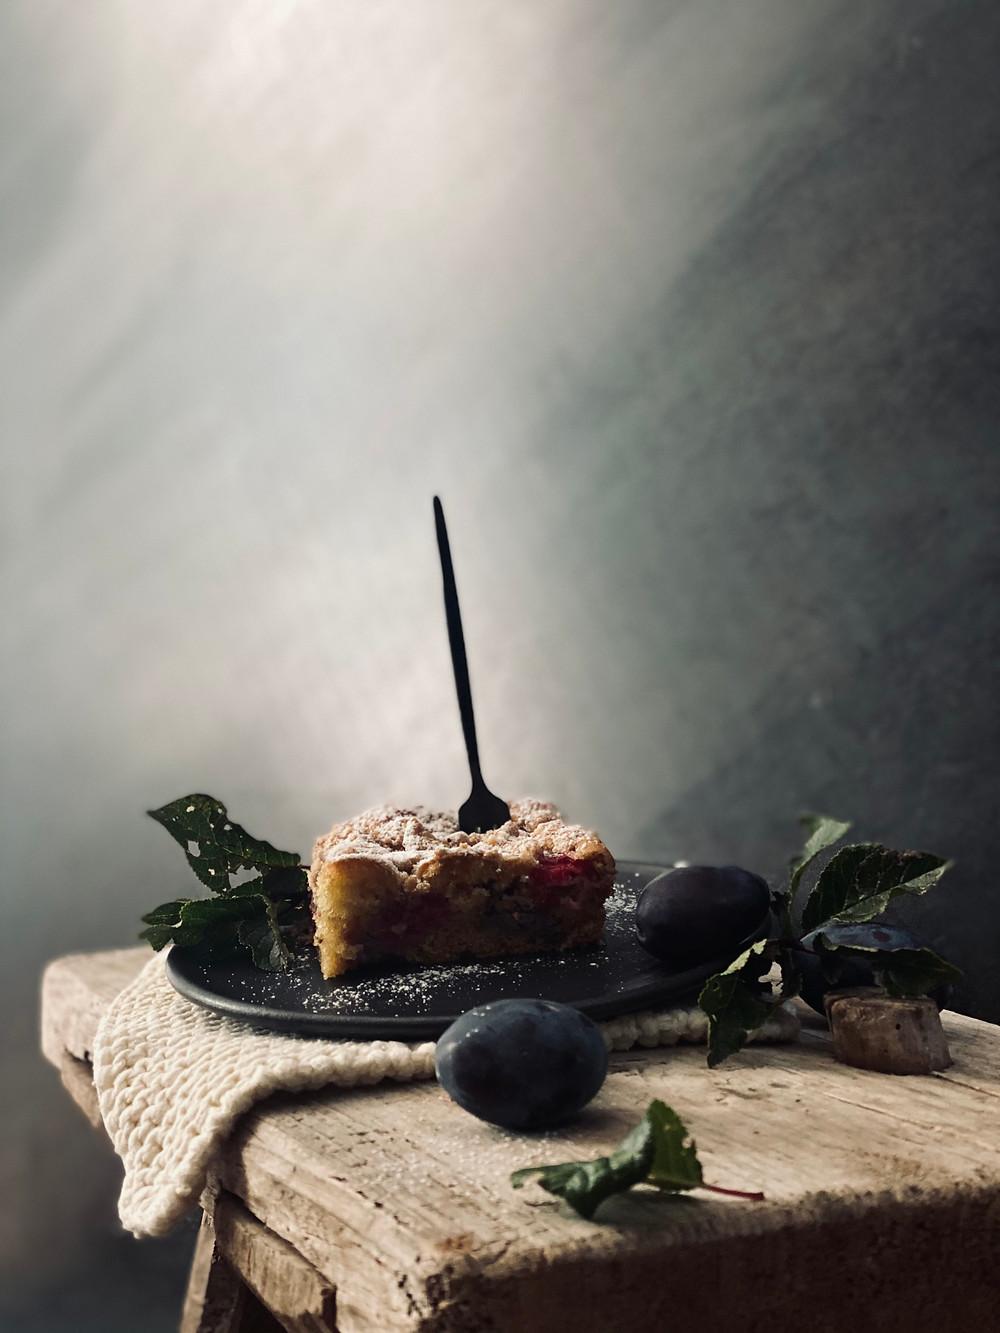 Streuselkuchen mit Zwetschken und Himbeeren - vrenalikocht